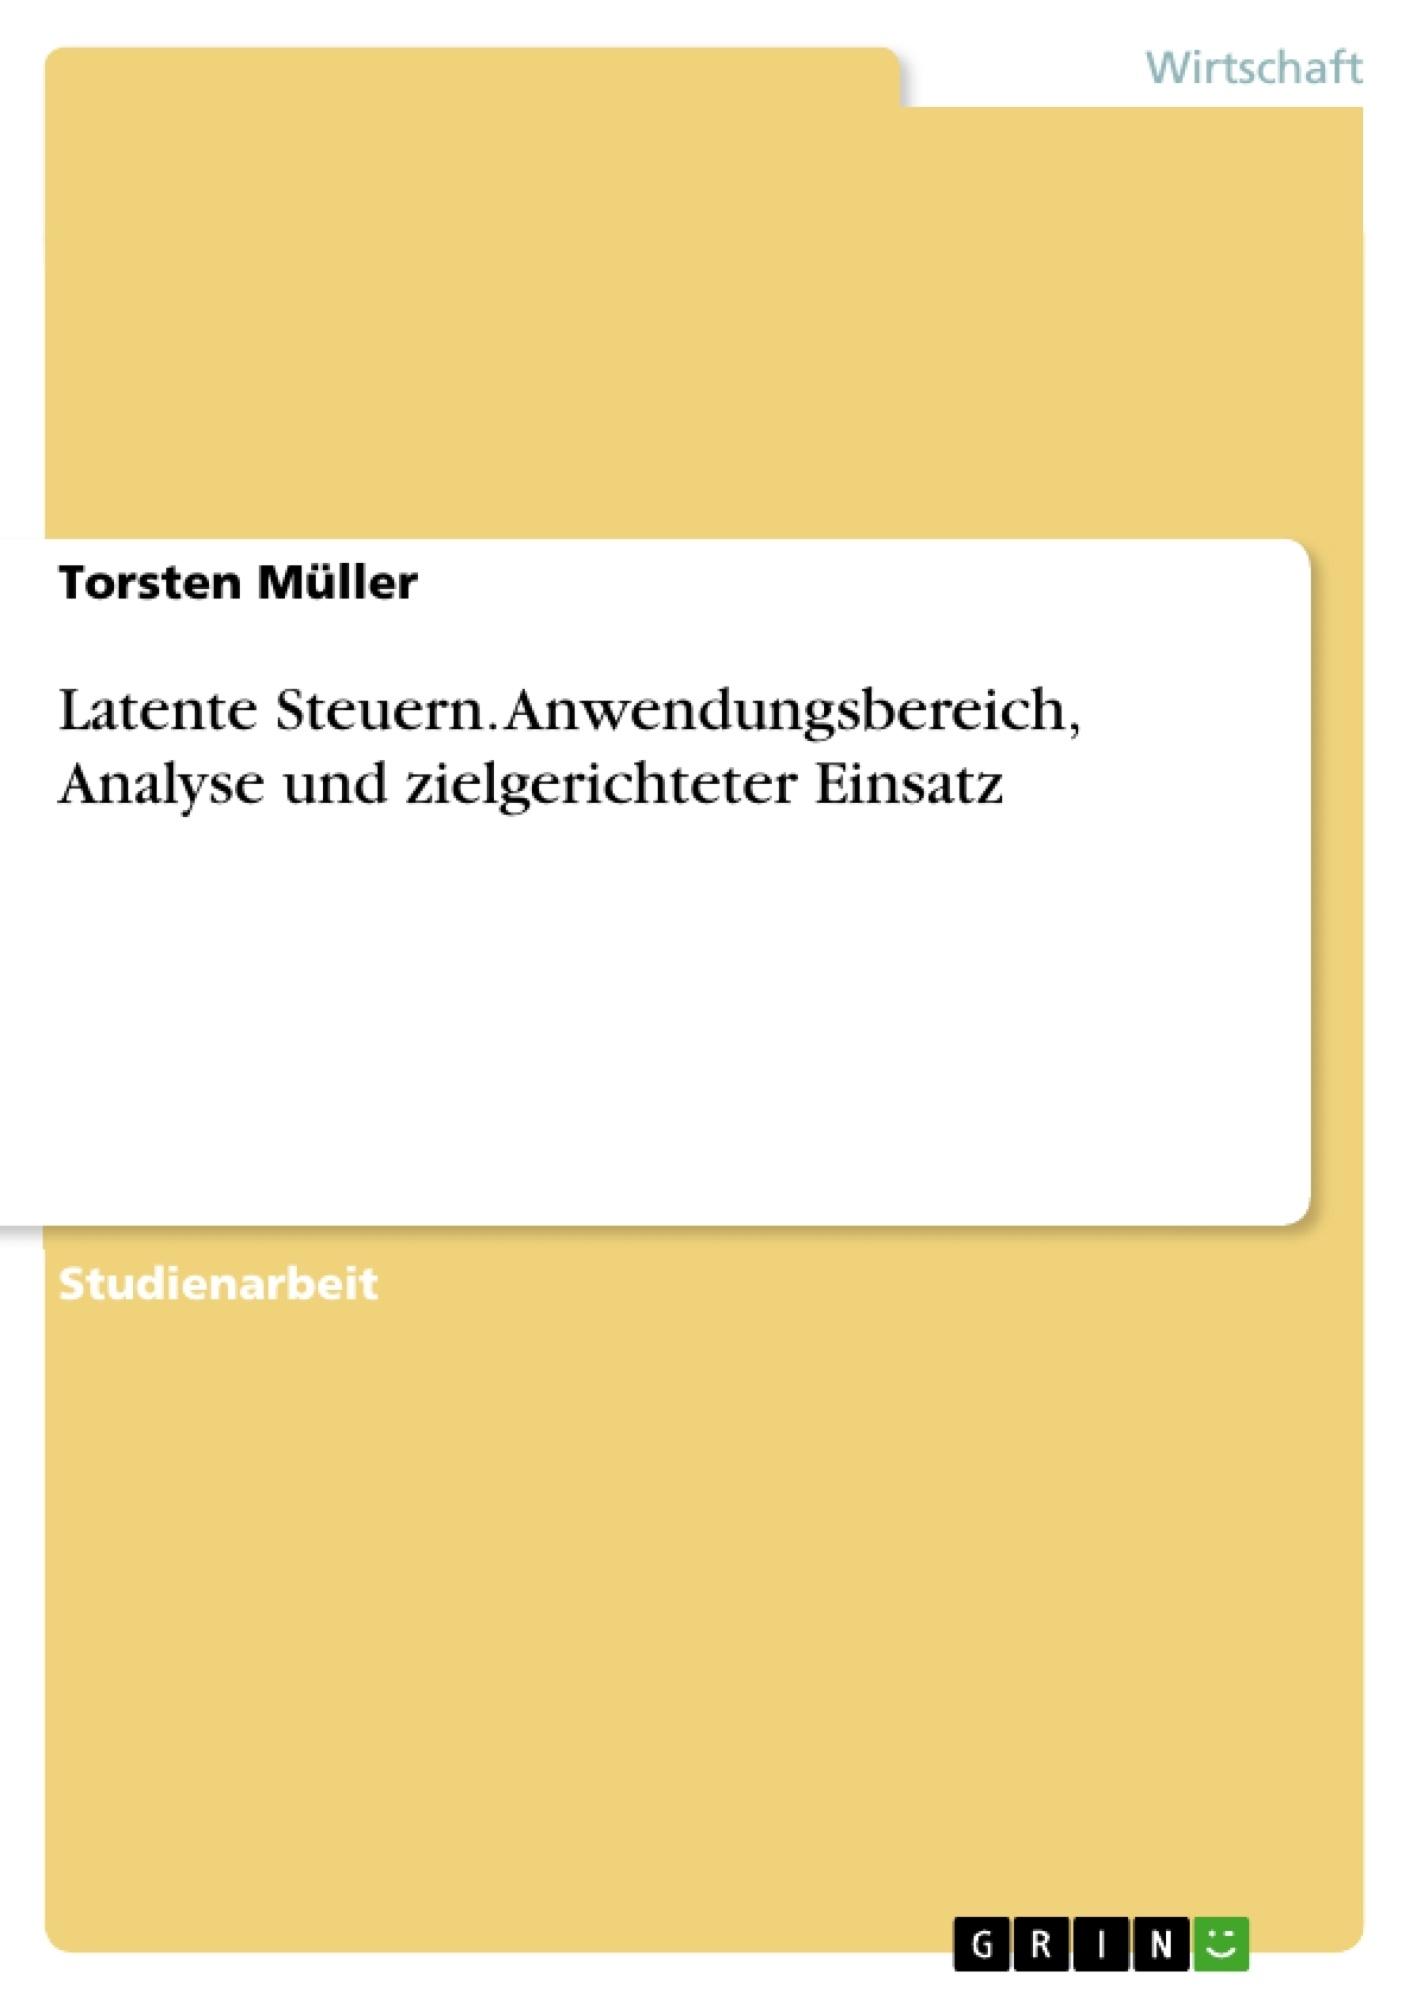 Titel: Latente Steuern. Anwendungsbereich, Analyse und zielgerichteter Einsatz